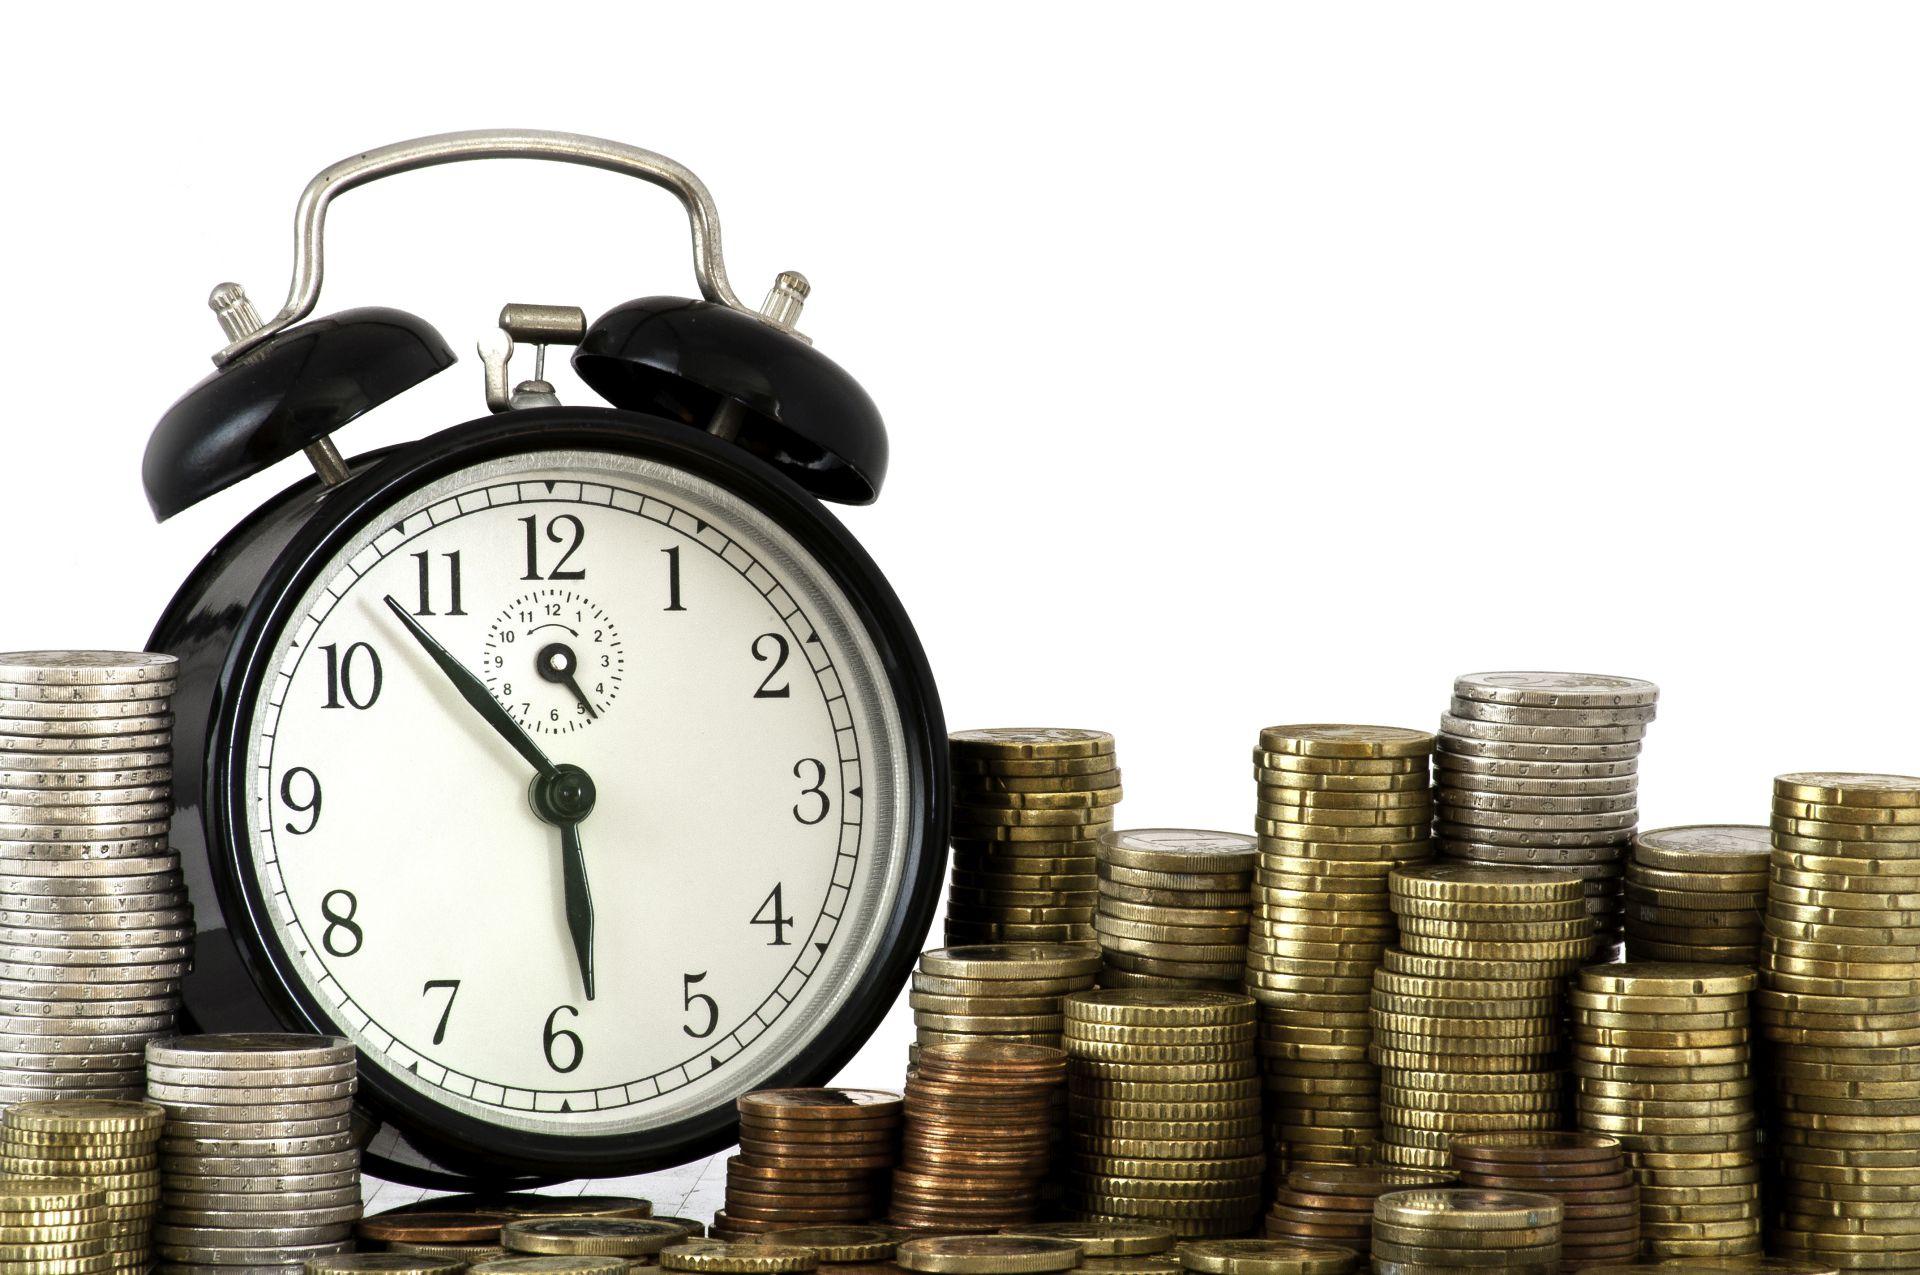 Zegarek z pieniędzmi